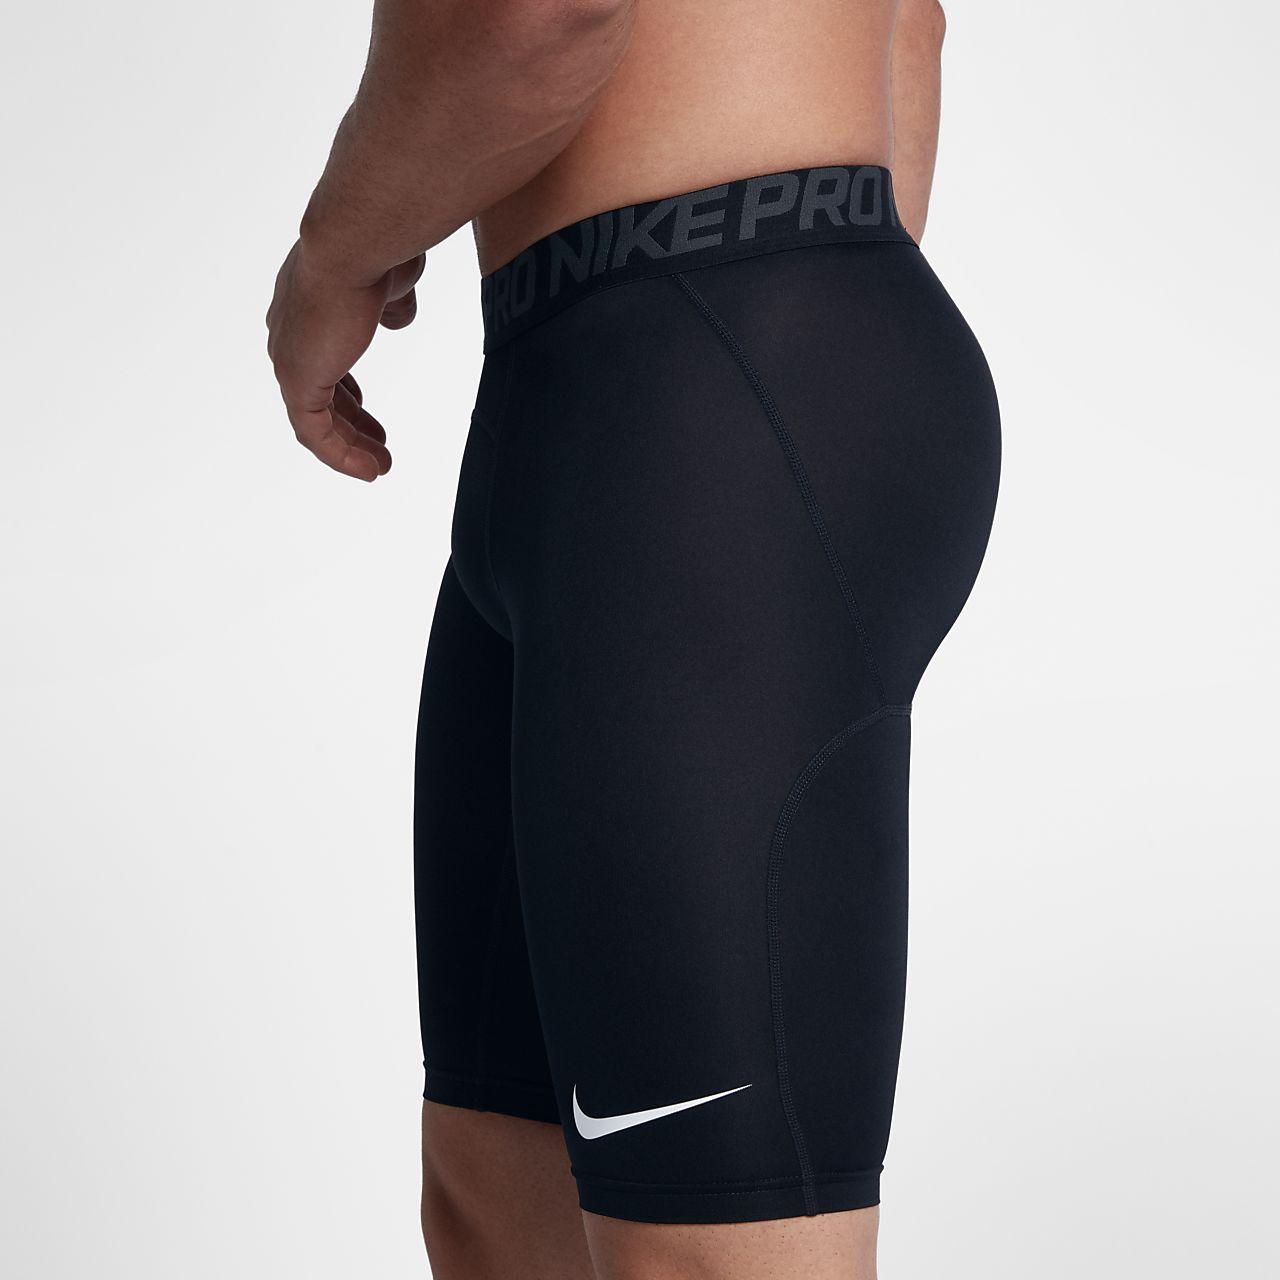 5f7e17e785b8 Nike Pro Men s 6